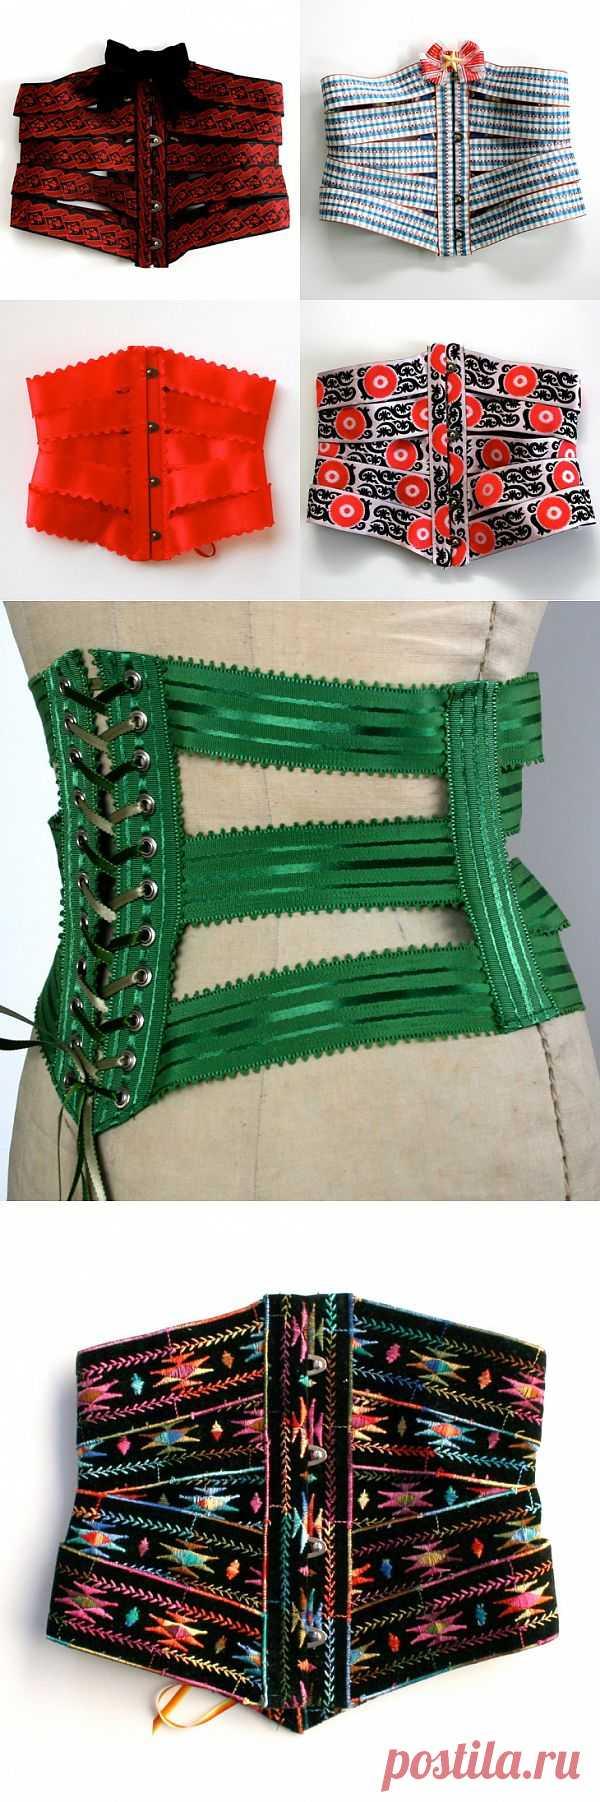 Корсеты - пояса из тесьмы Honey Cooler (подборка) / Ремни / Модный сайт о стильной переделке одежды и интерьера